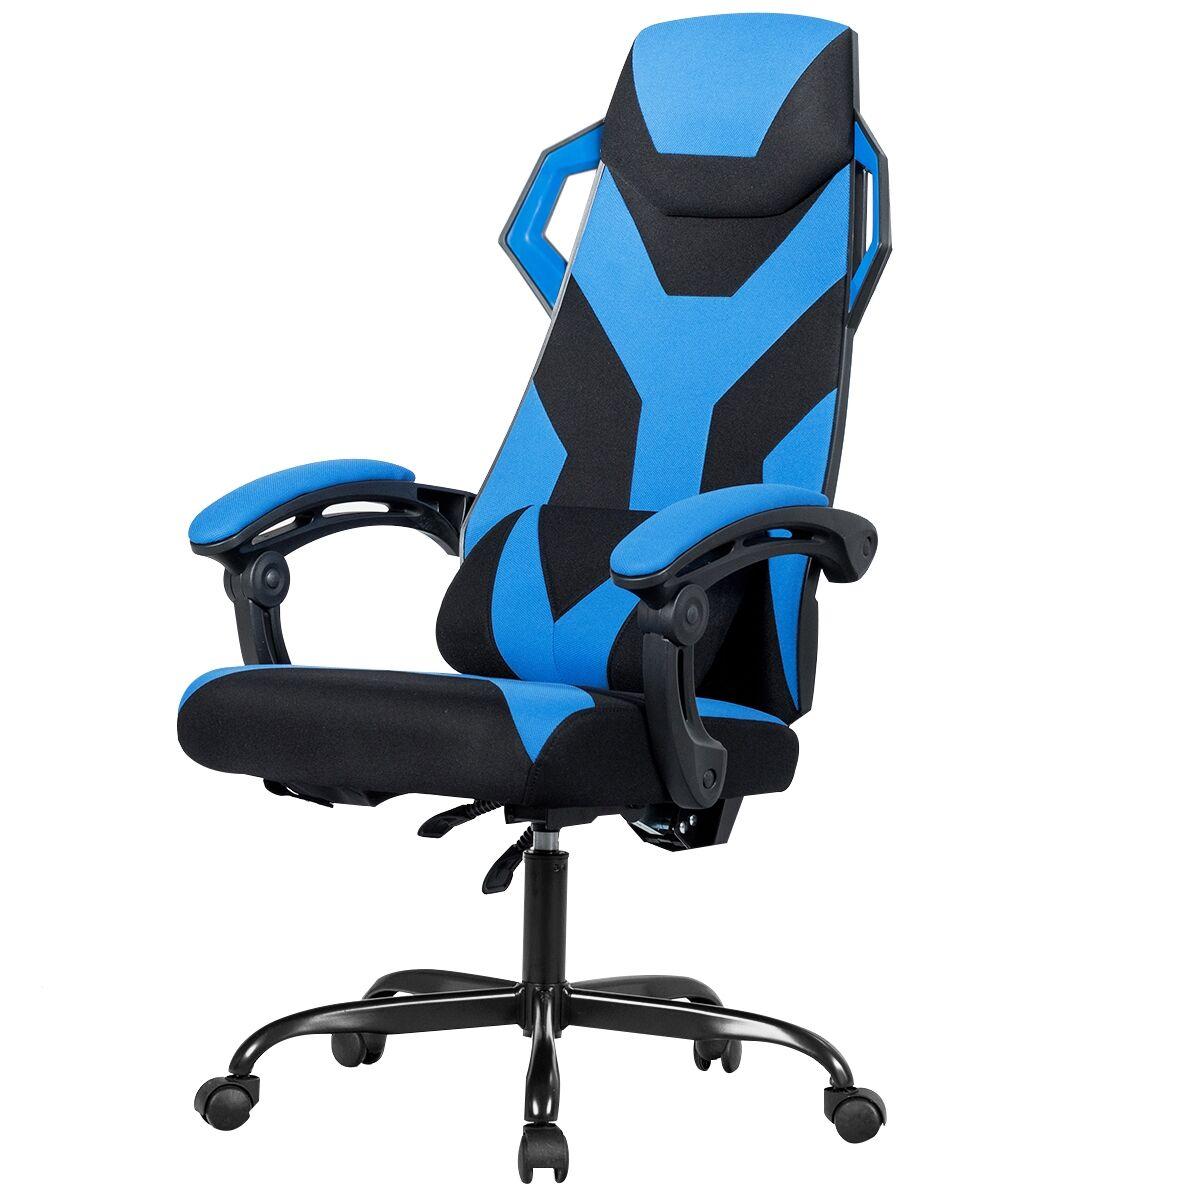 Costway Chaise Gamer Massage Inclinable à 90°-135° Hauteur Réglable Bleu